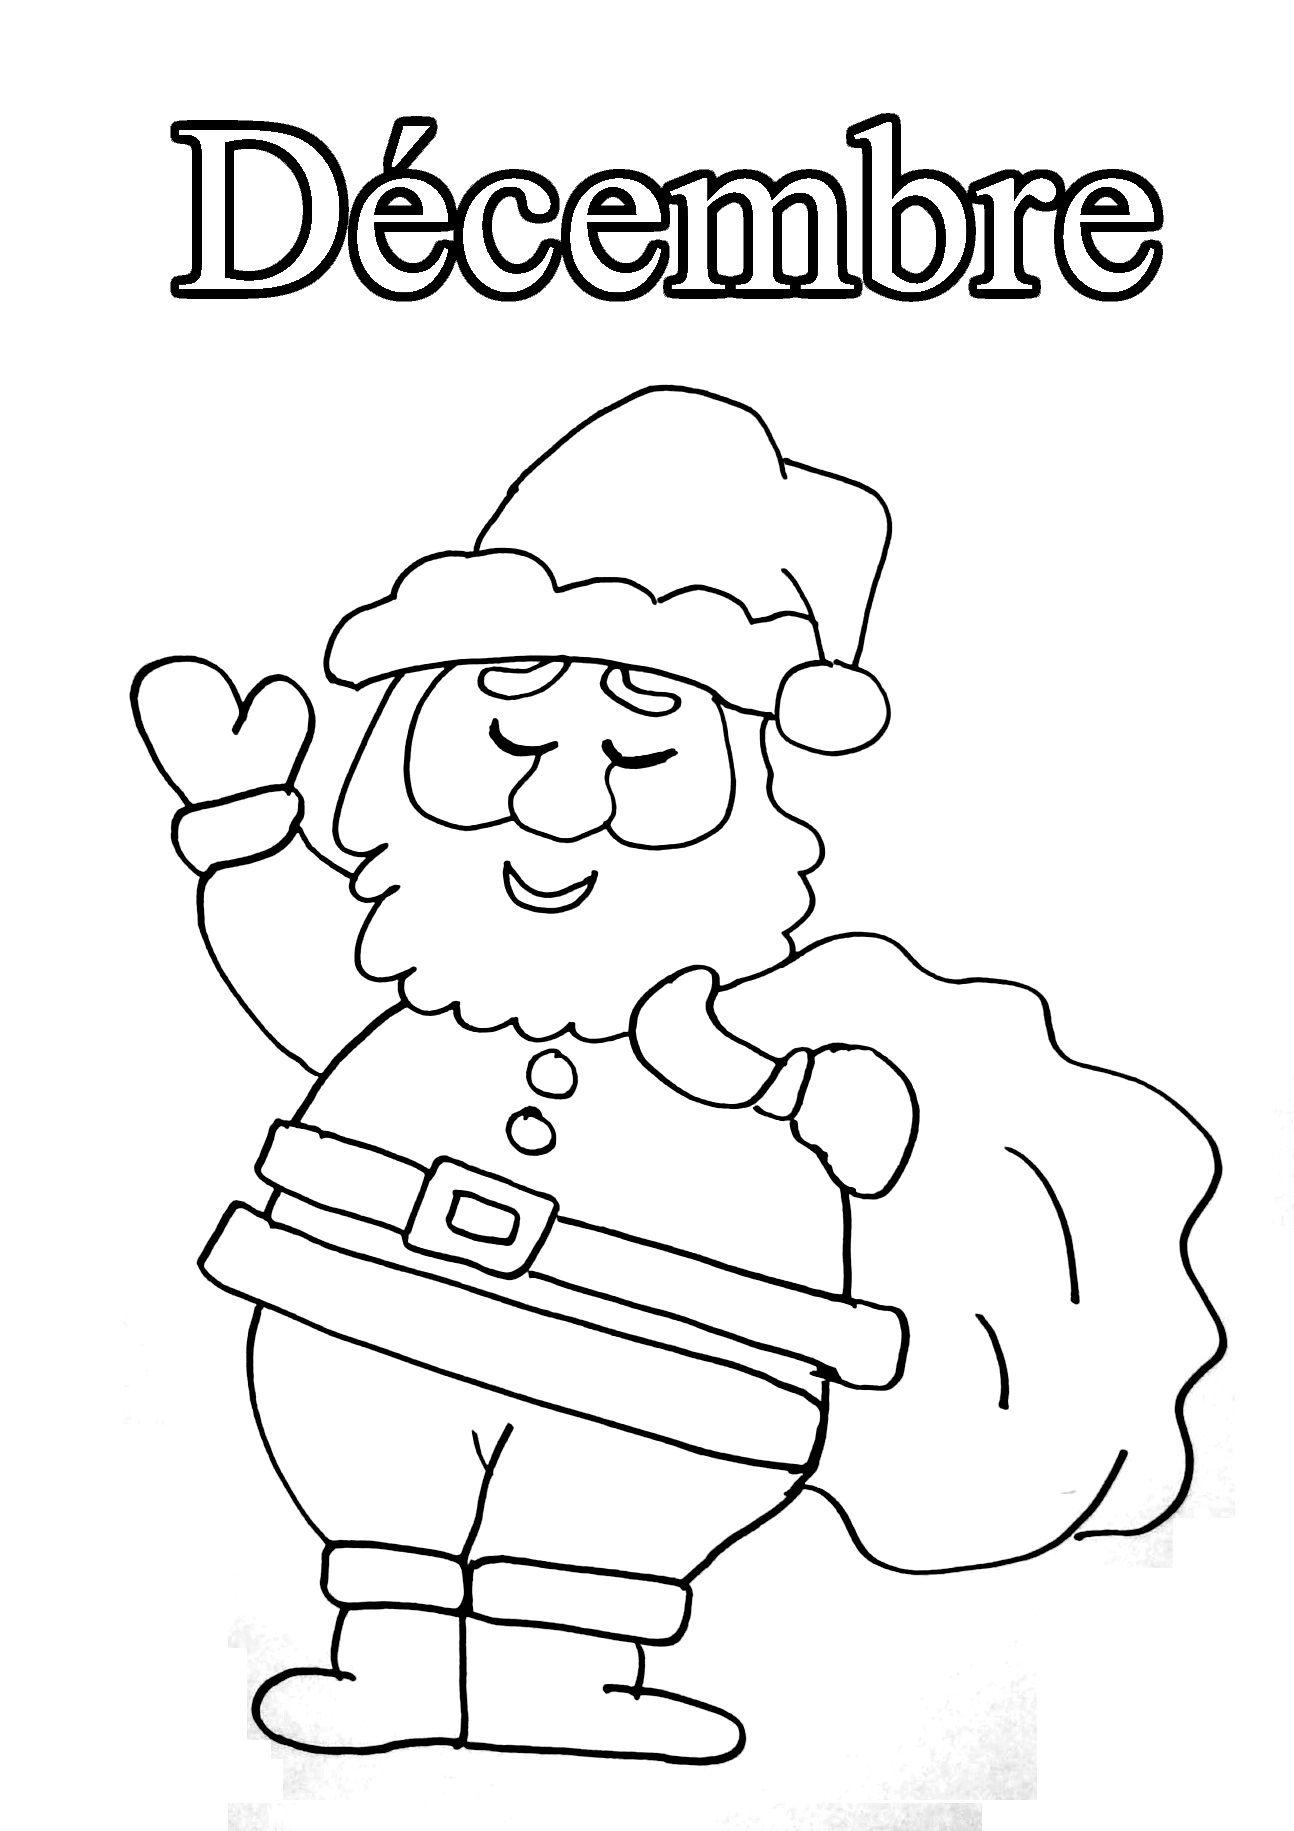 12 Decembre Coloriage Mois De L Annee Coloriages Pour Enfants Coloriage Enfant Coloriage Coloriage Educatif